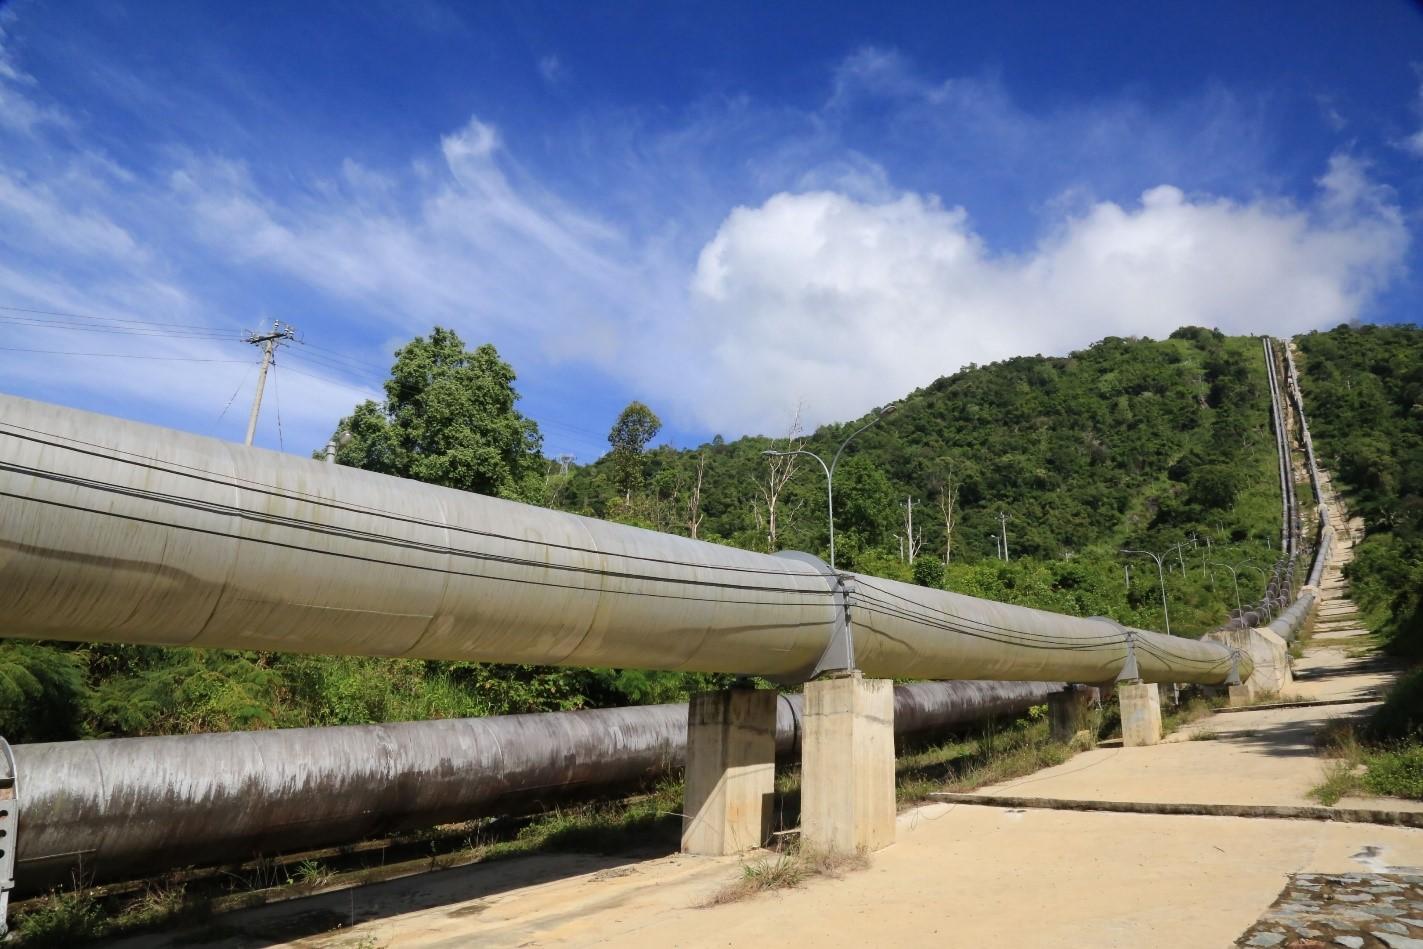 Đường ống công trình thủy điện Đa Nhim được thi công trên địa hình hiểm trở, có nơi độ dốc lên đến 450 (Ảnh: CĐT)